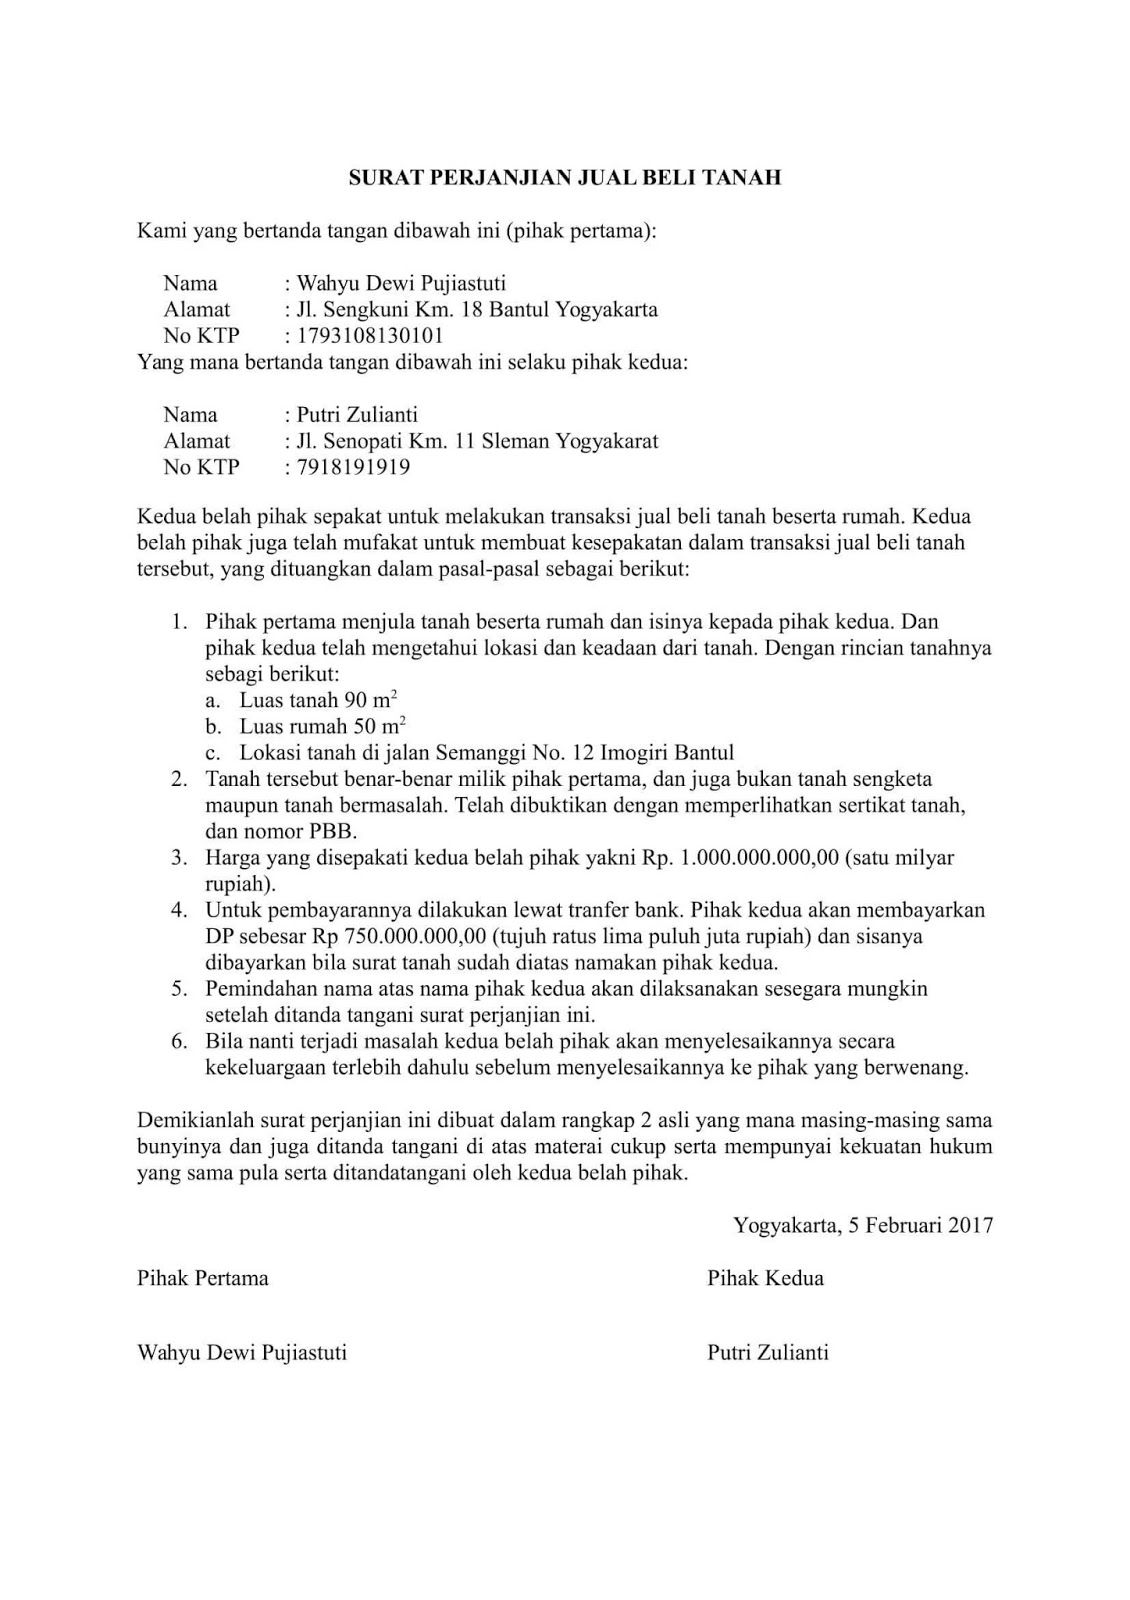 6 Contoh Surat Perjanjian Jual Beli Tanah Terbaru Lengkap